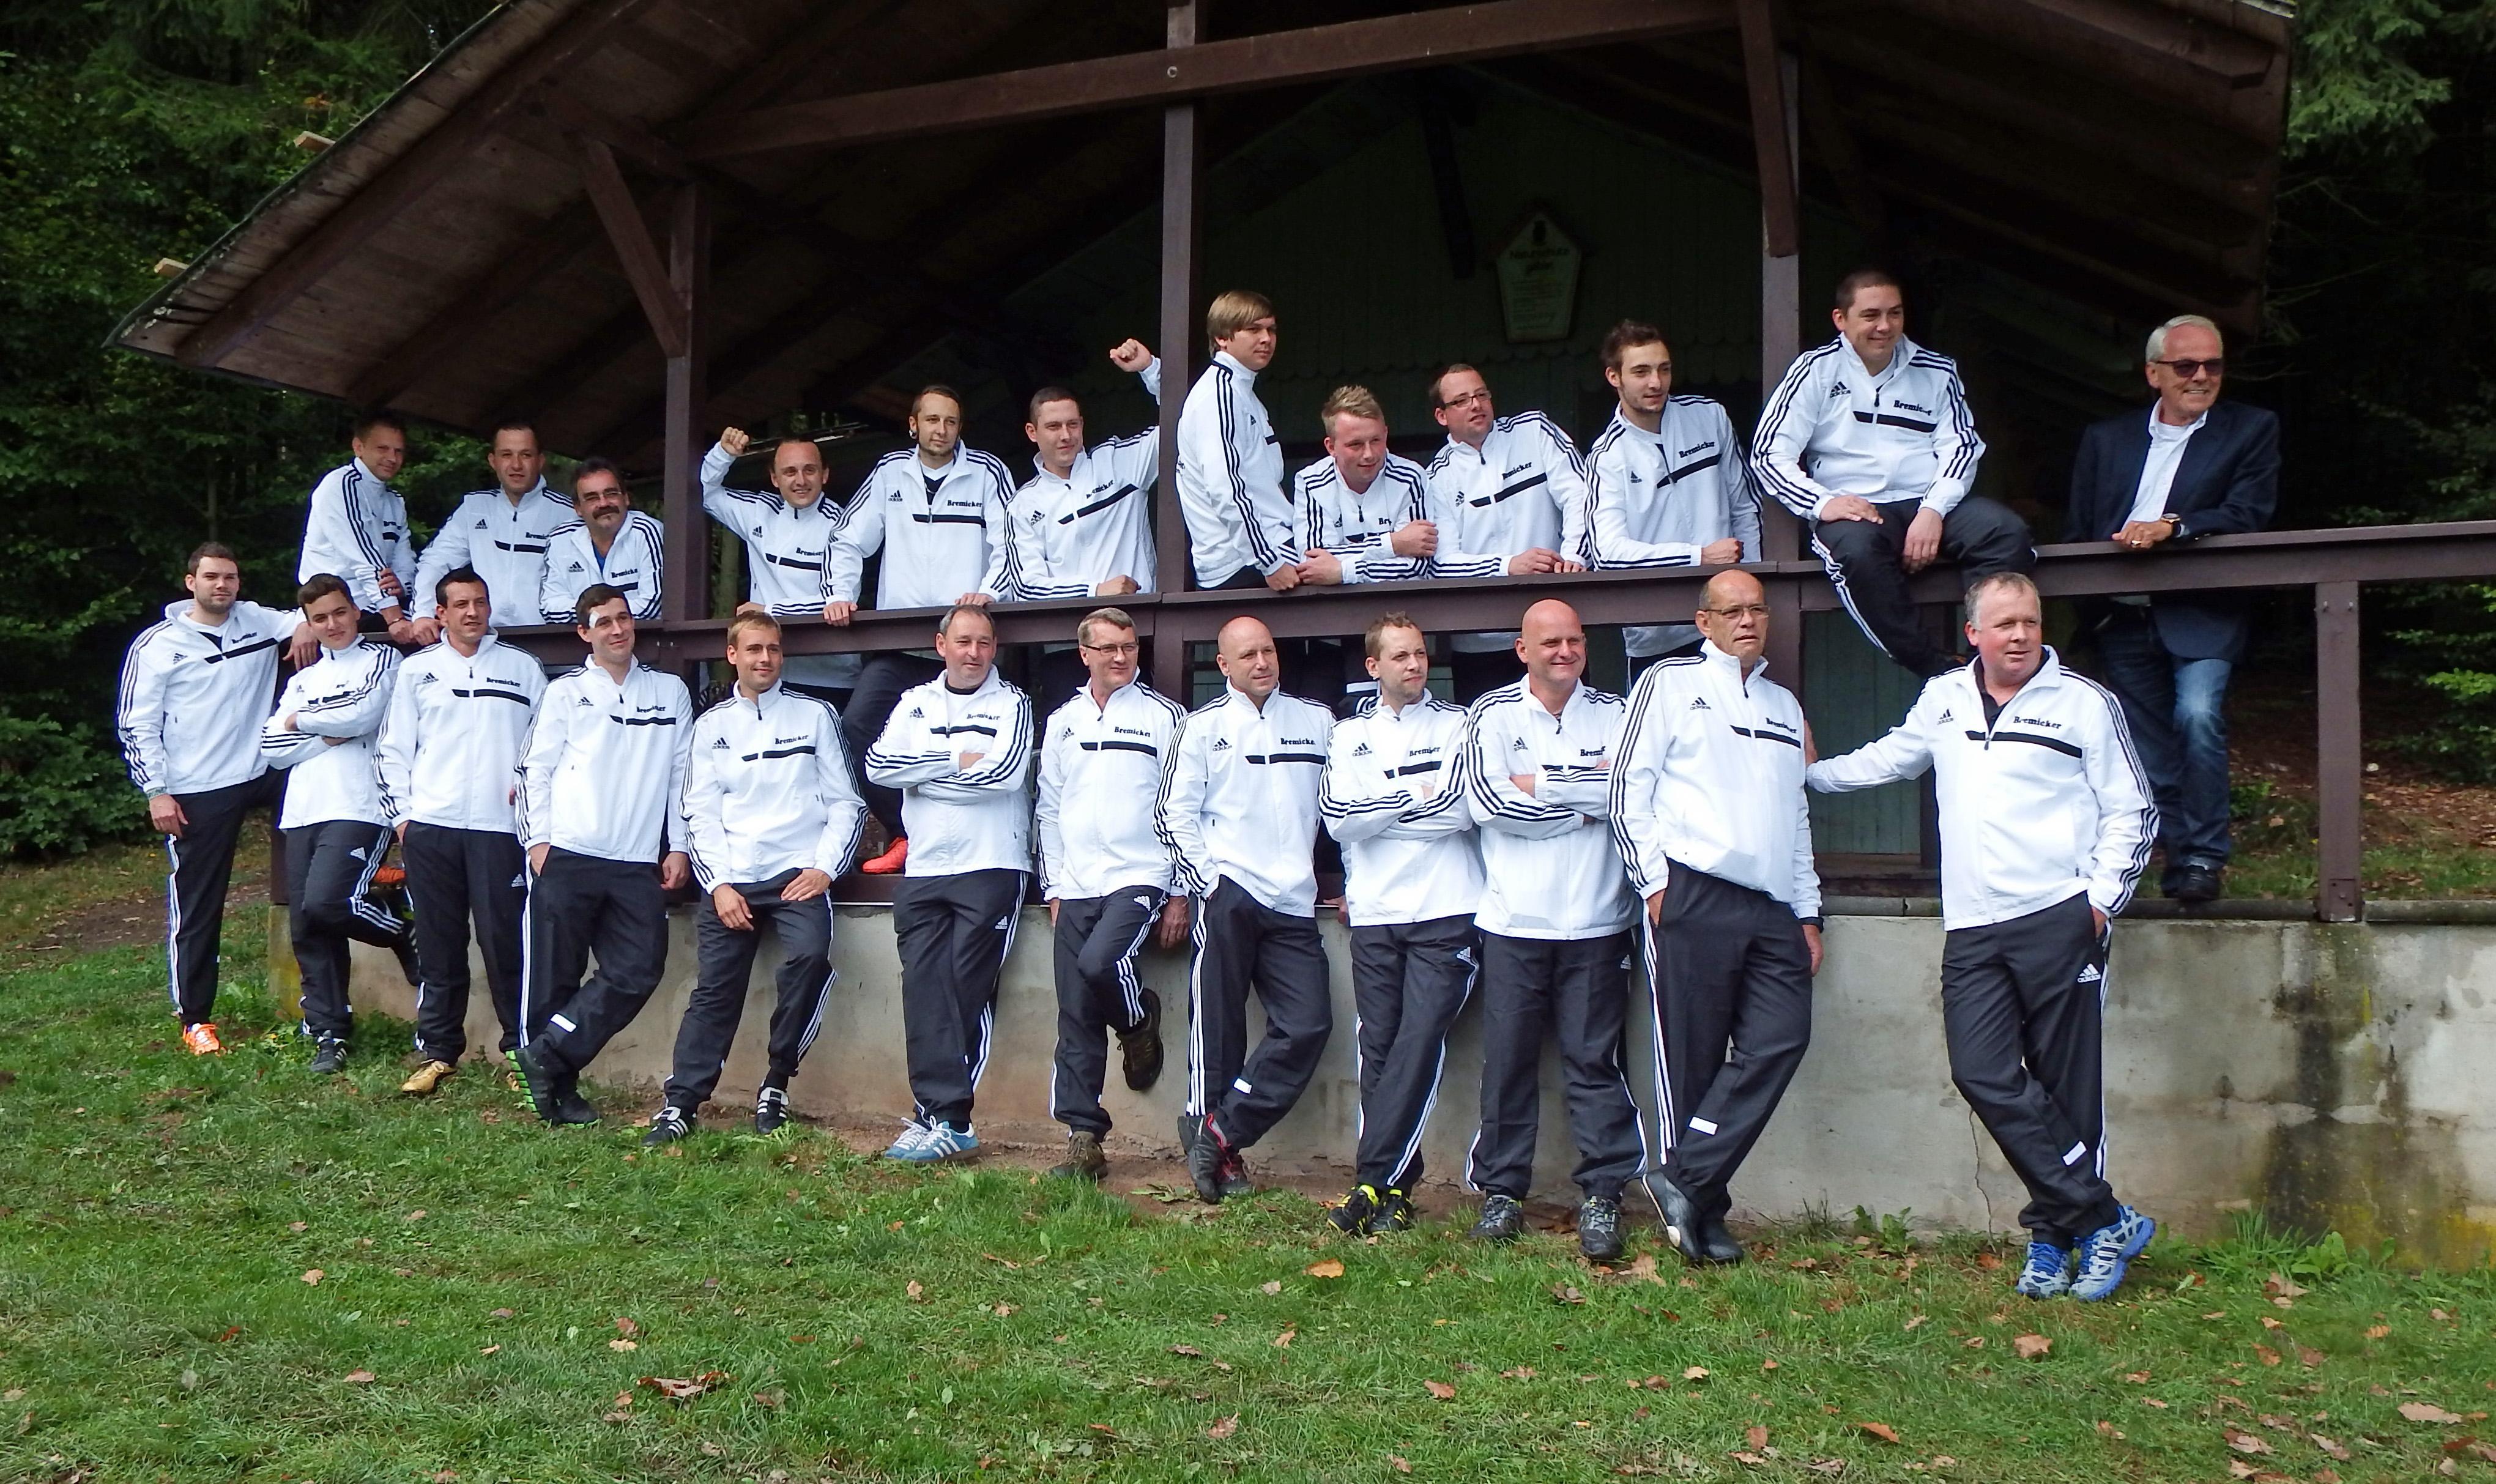 Mannschaftsfoto/Teamfoto von SV 1911 Mosbach